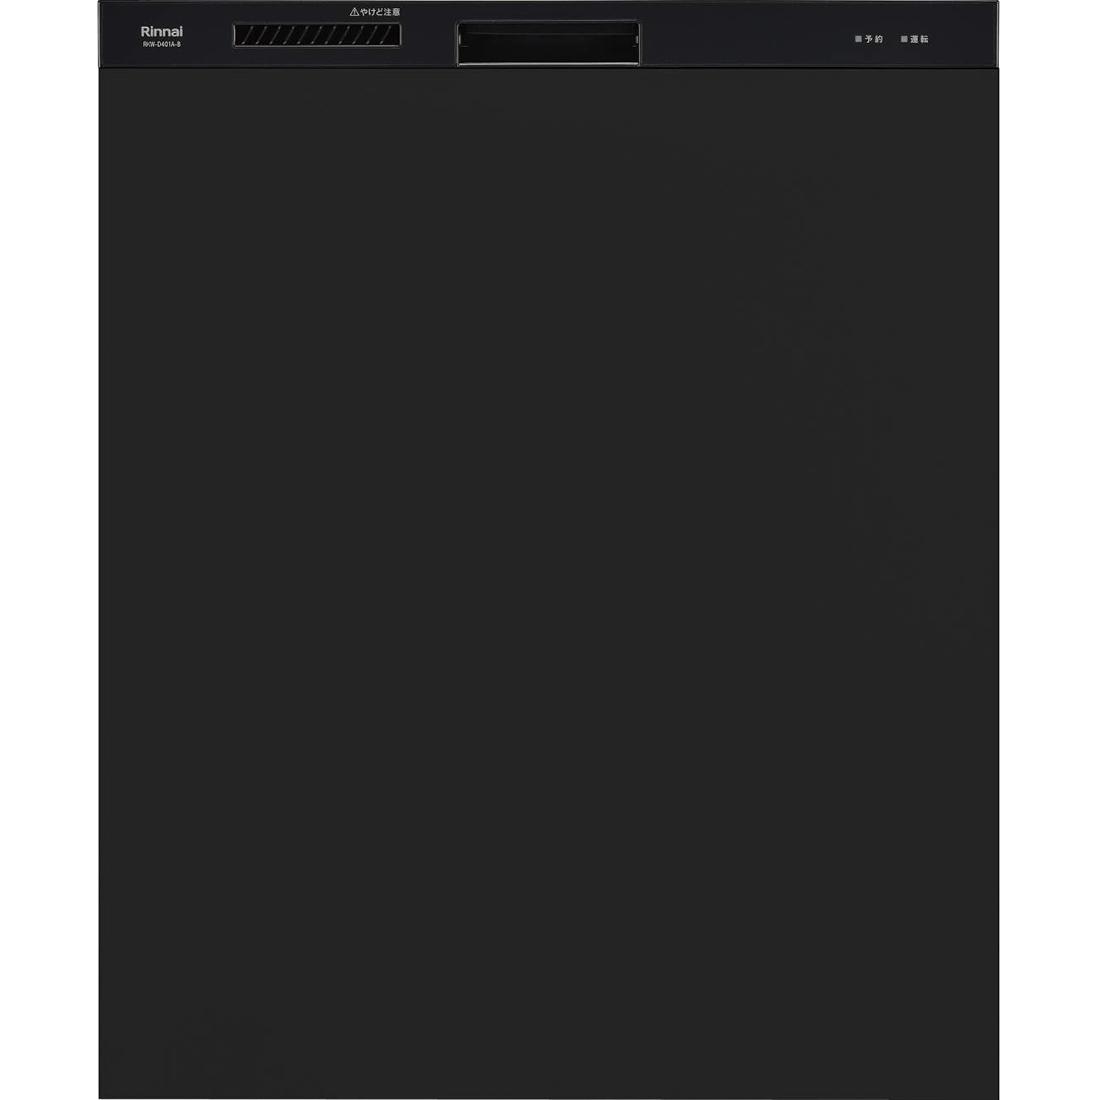 ▽###リンナイ 食器洗い乾燥機【RSW-SD401AE-B】ブラック 自立脚付きタイプ 深型スライドオープン おかってカゴタイプ 幅45cm スタンダード